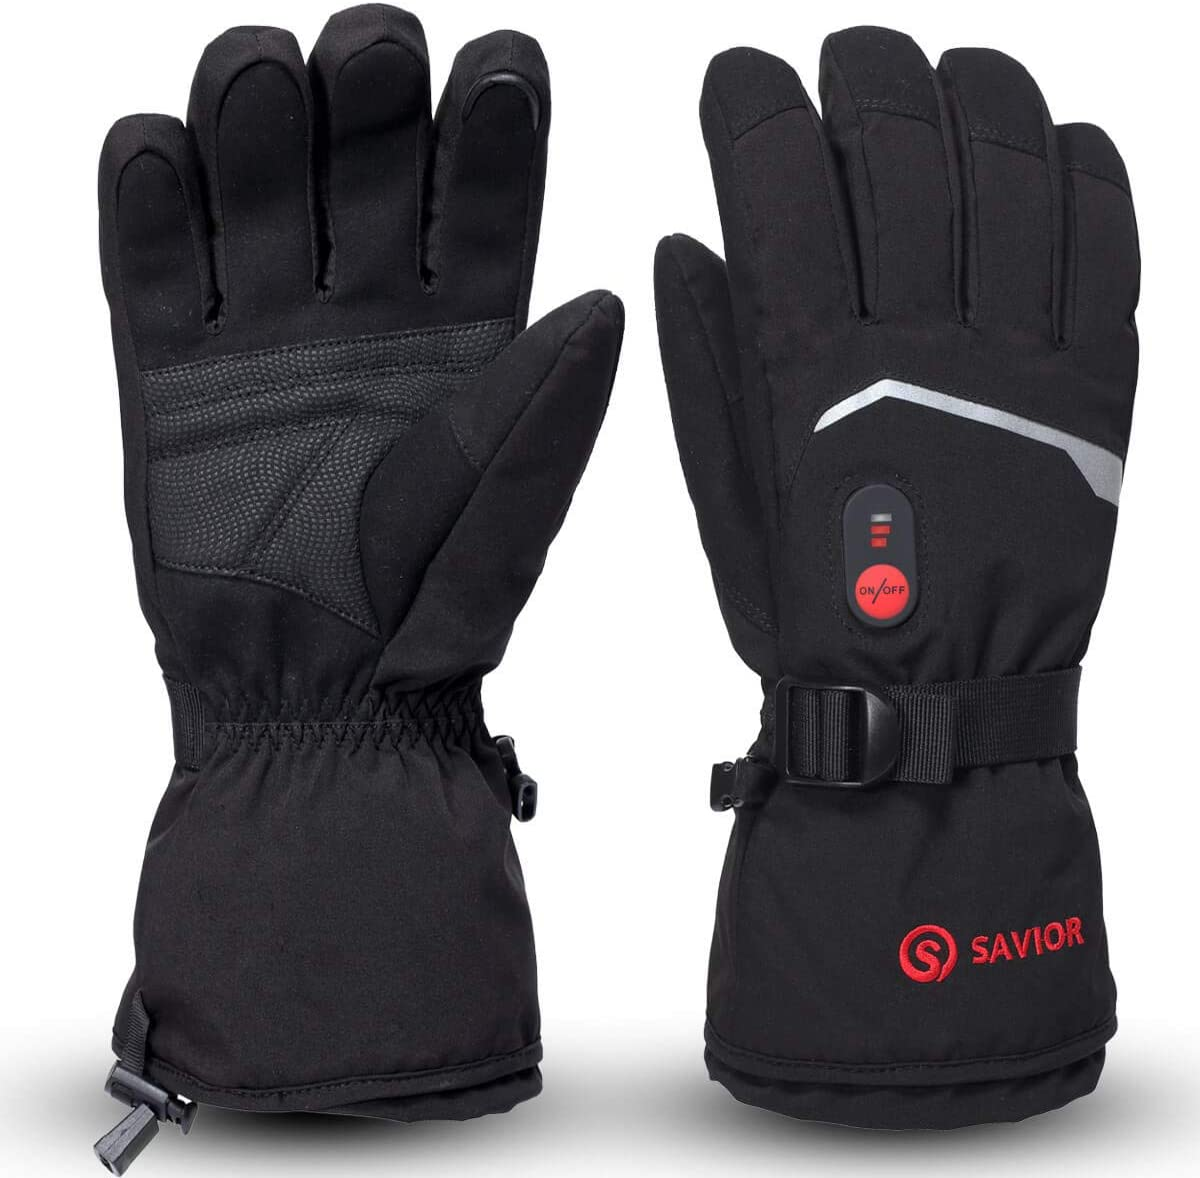 Savior Heat: Heated Motorcycle Gloves